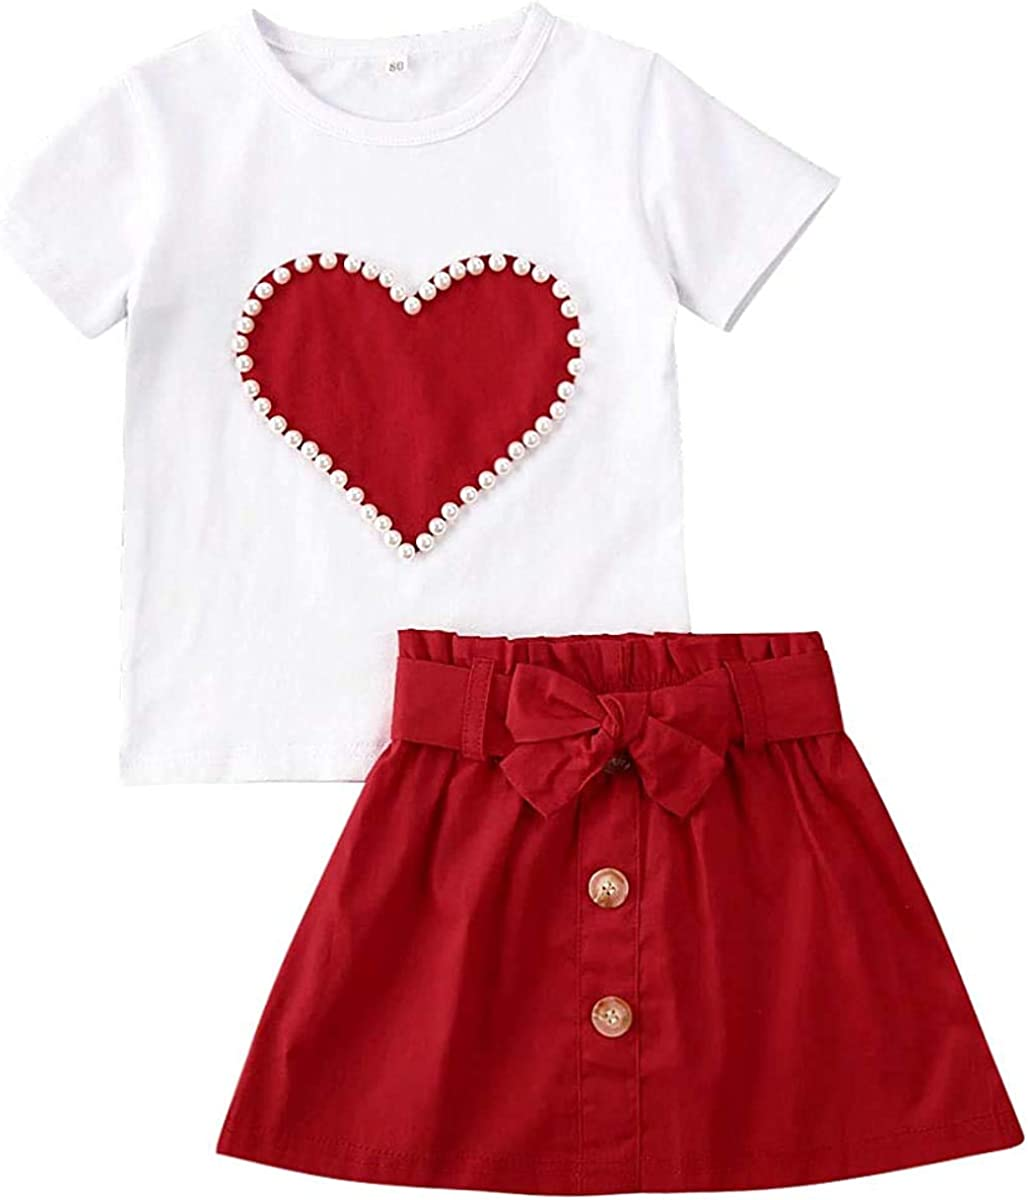 2PCS Toddler Baby Girl Skirt Outfits Short Sleeve T-Shirt Tops + Bowknot Belt Button Skirt Summer Clothes Set